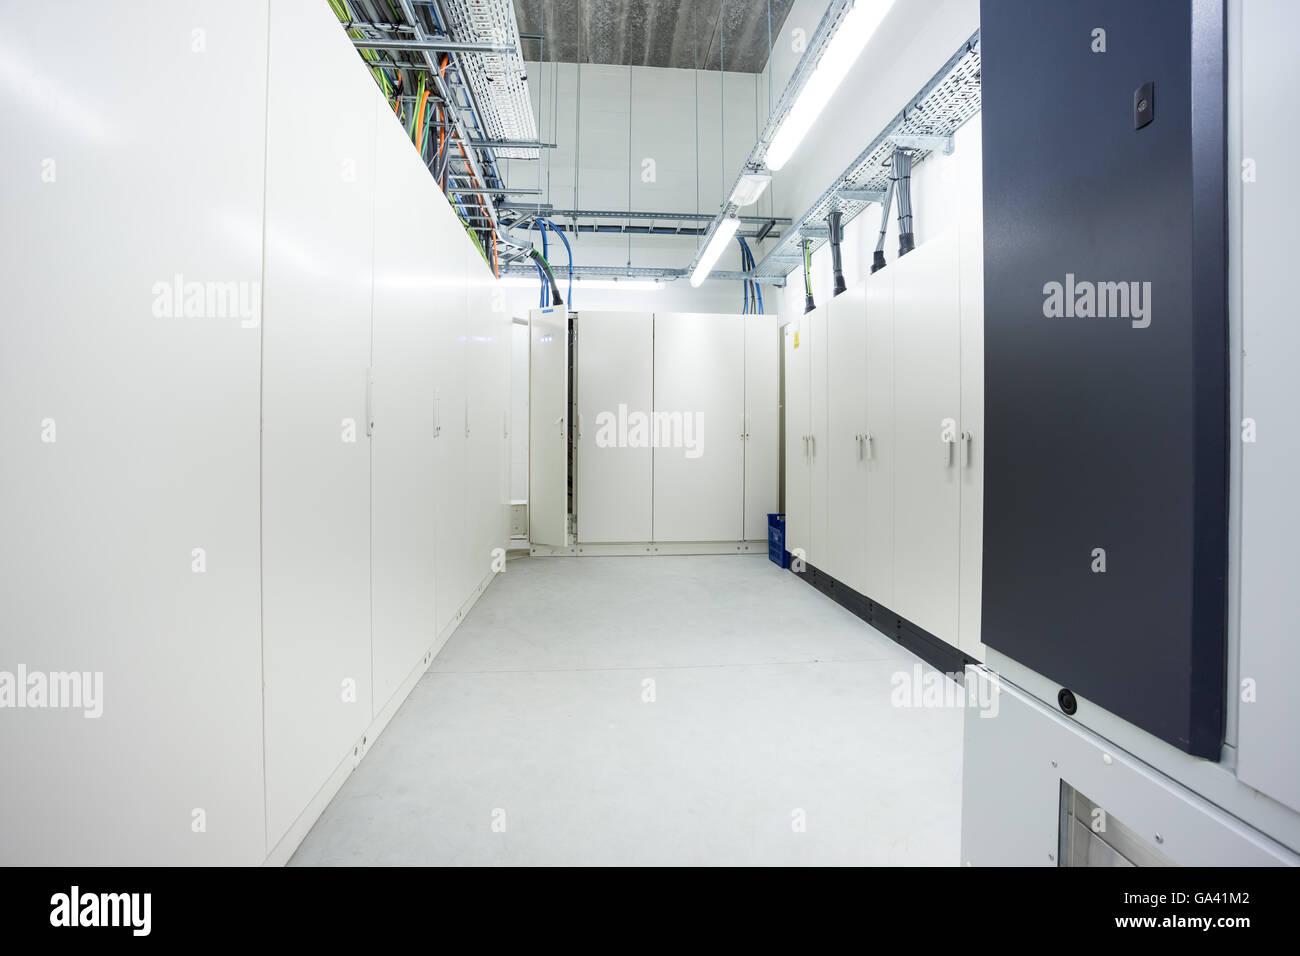 Fein Keller Elektrisch In Bilder - Schaltplan Serie Circuit ...